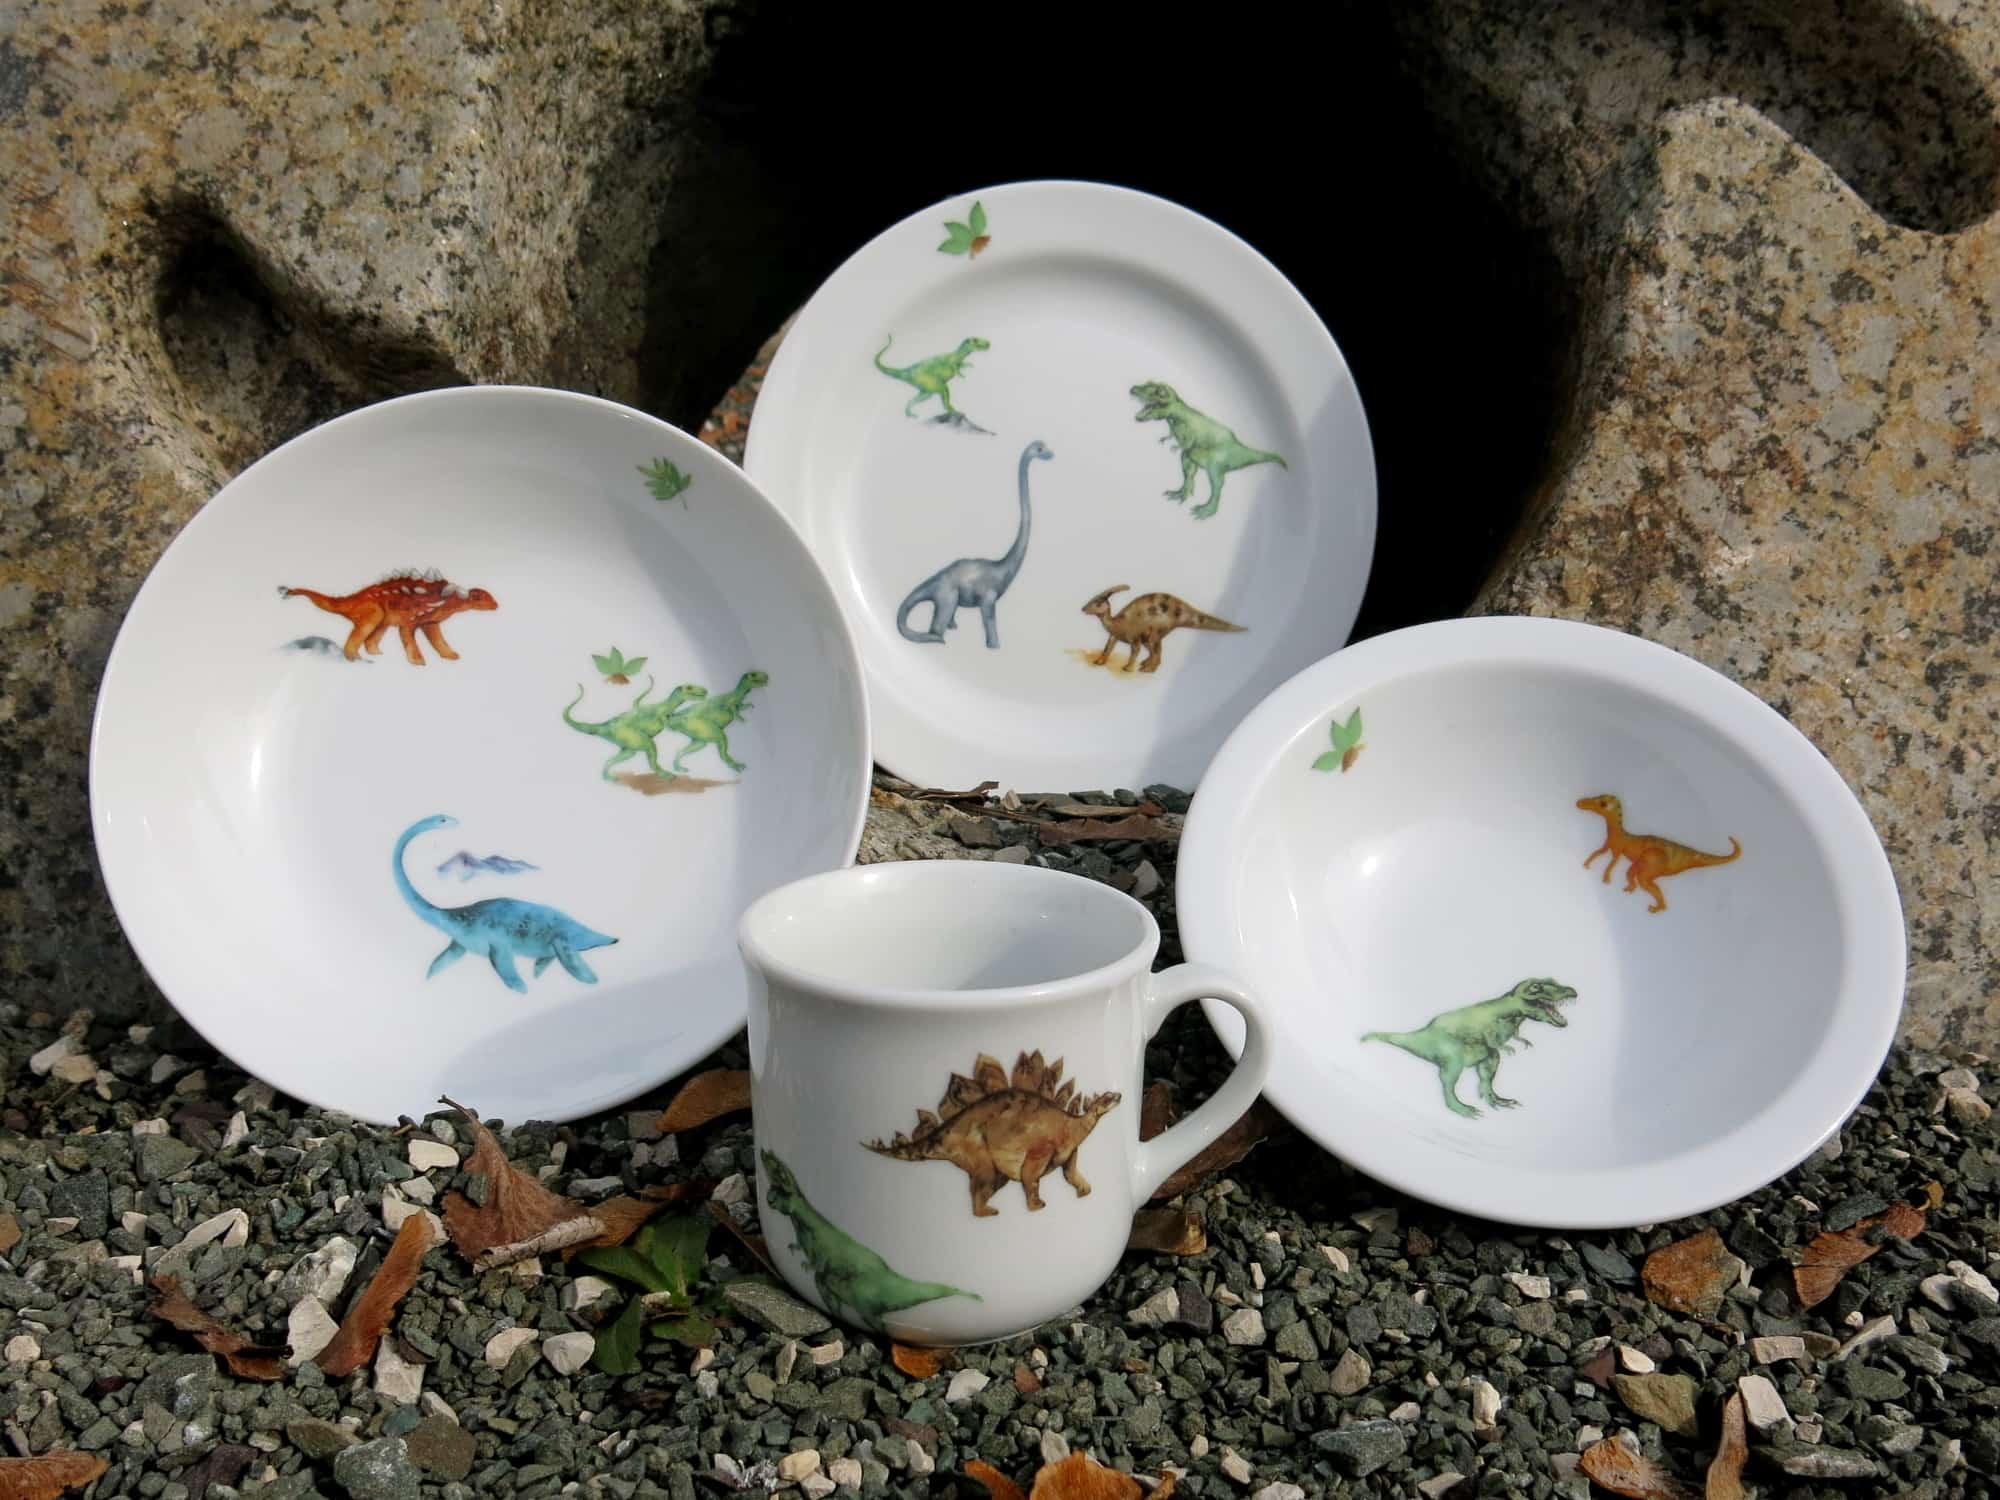 Kindergeschirrset Teller Schale Schüssel und Becher mit Dinosauriern